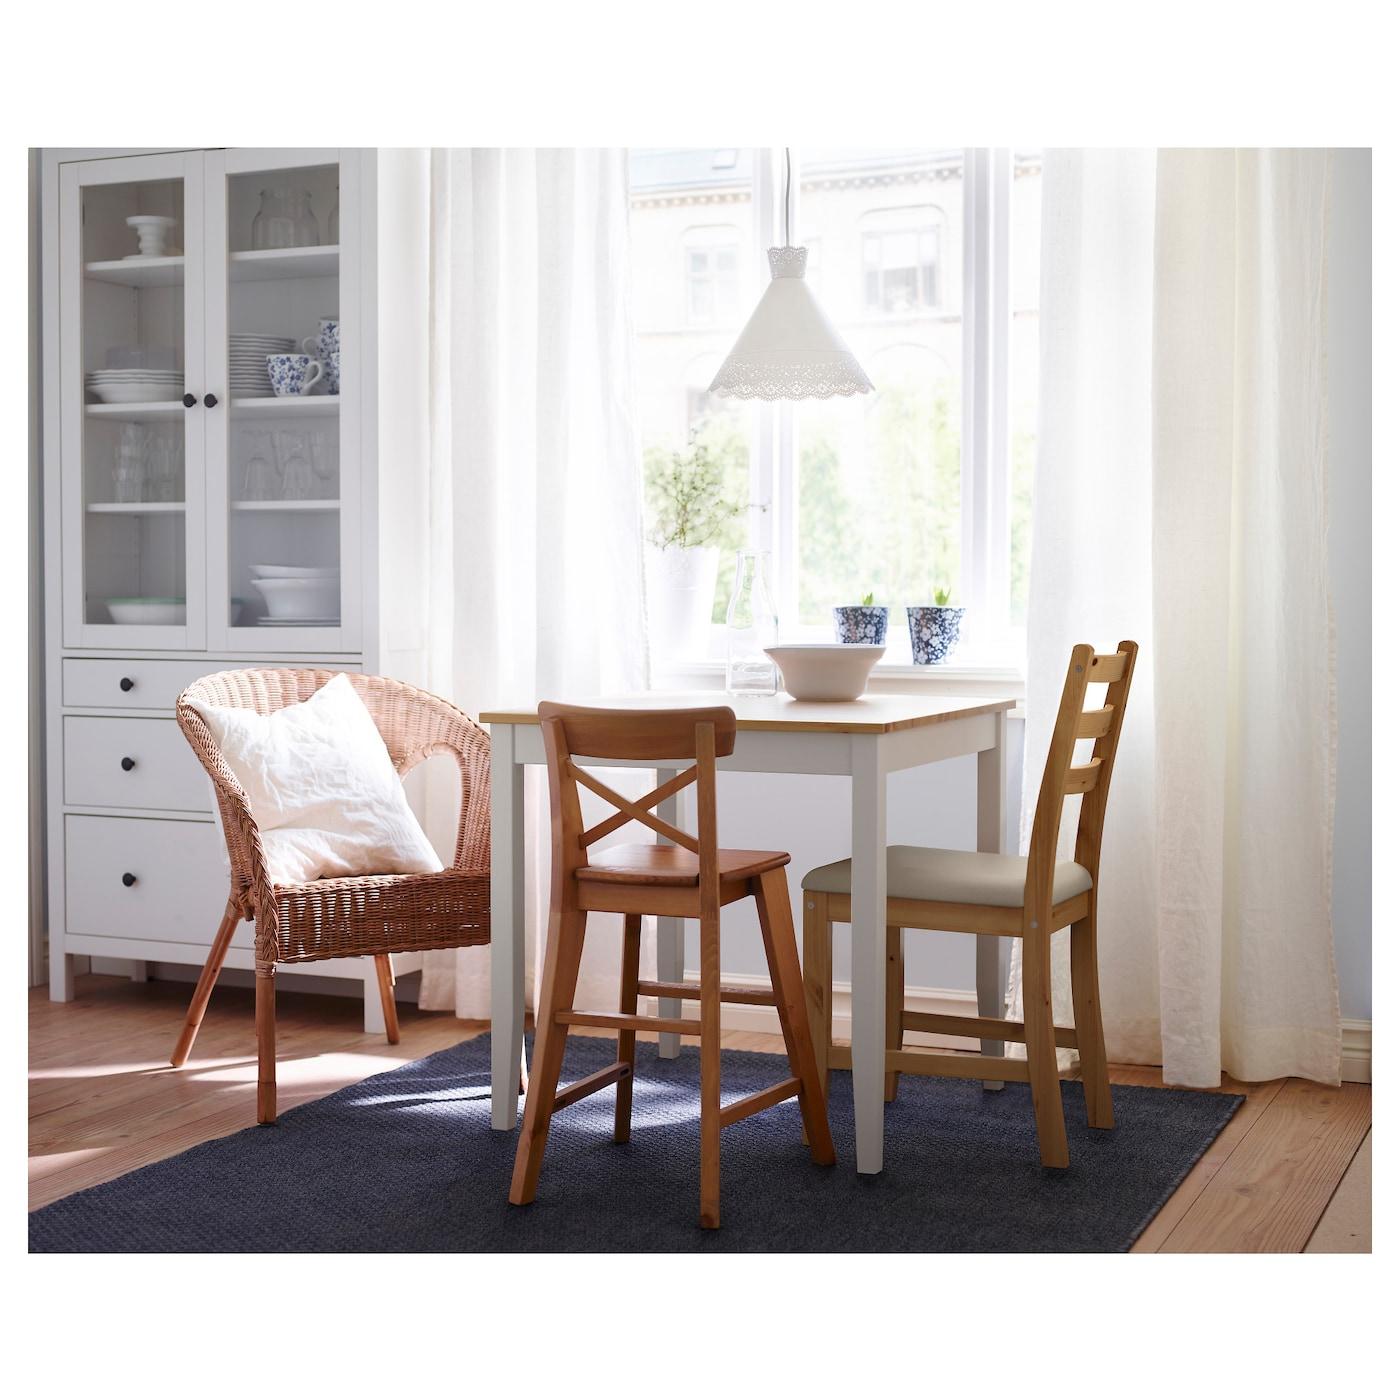 LERHAMN Tisch Antikbeize hellweiß gebeizt 74x74 cm